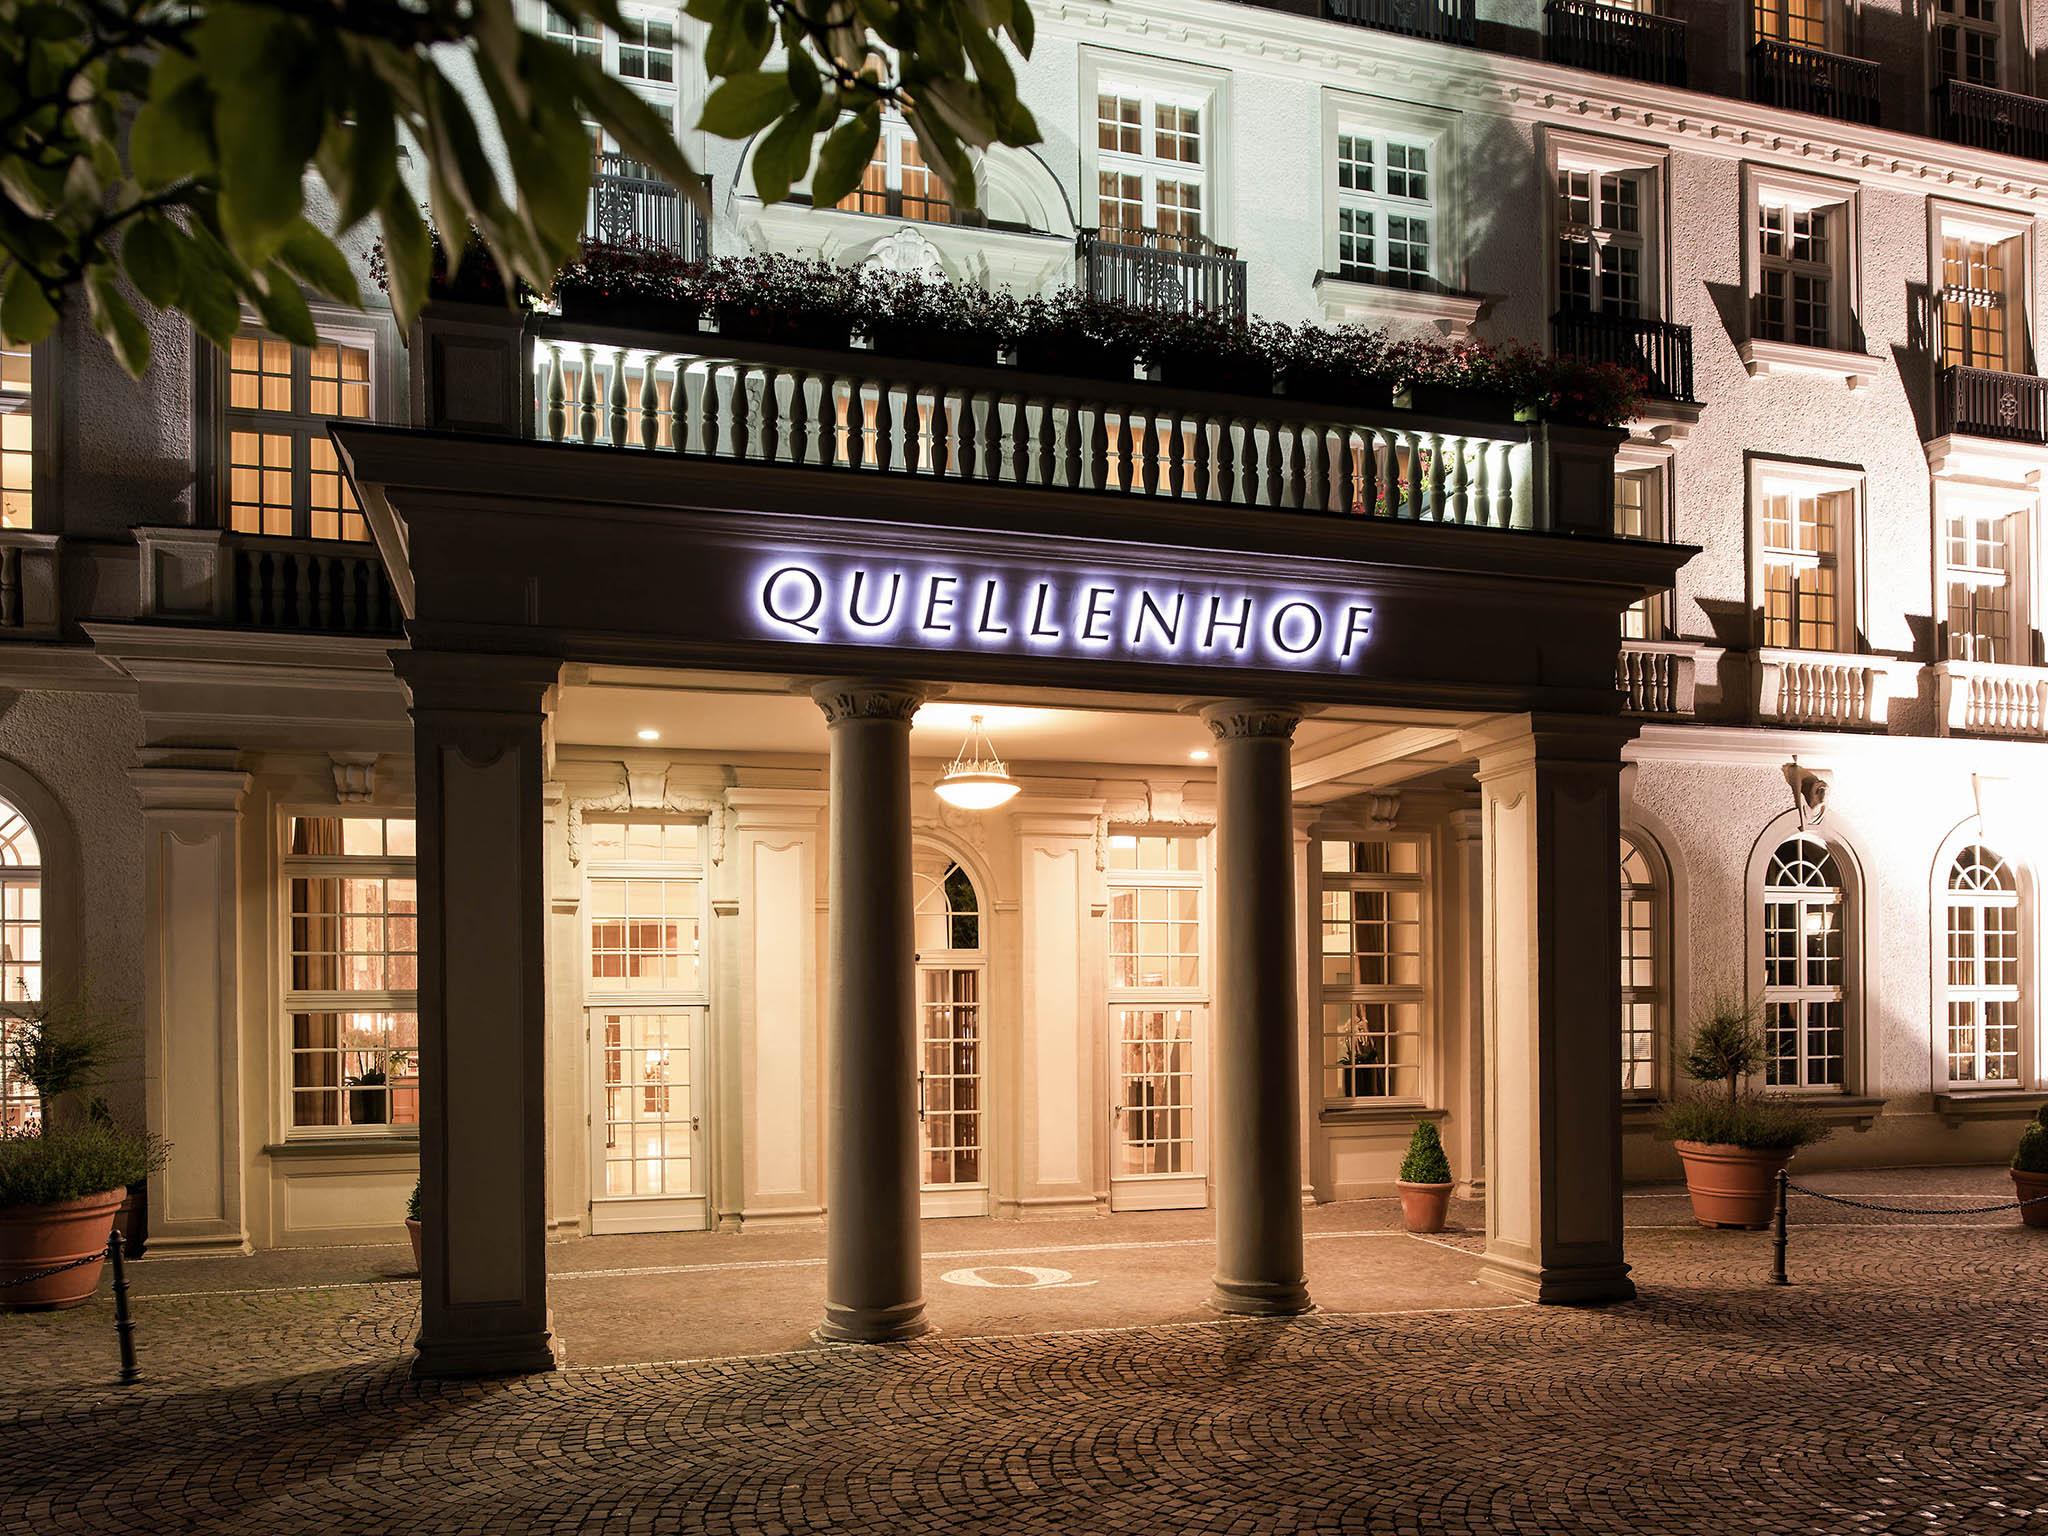 โรงแรม – Pullman Aachen Quellenhof